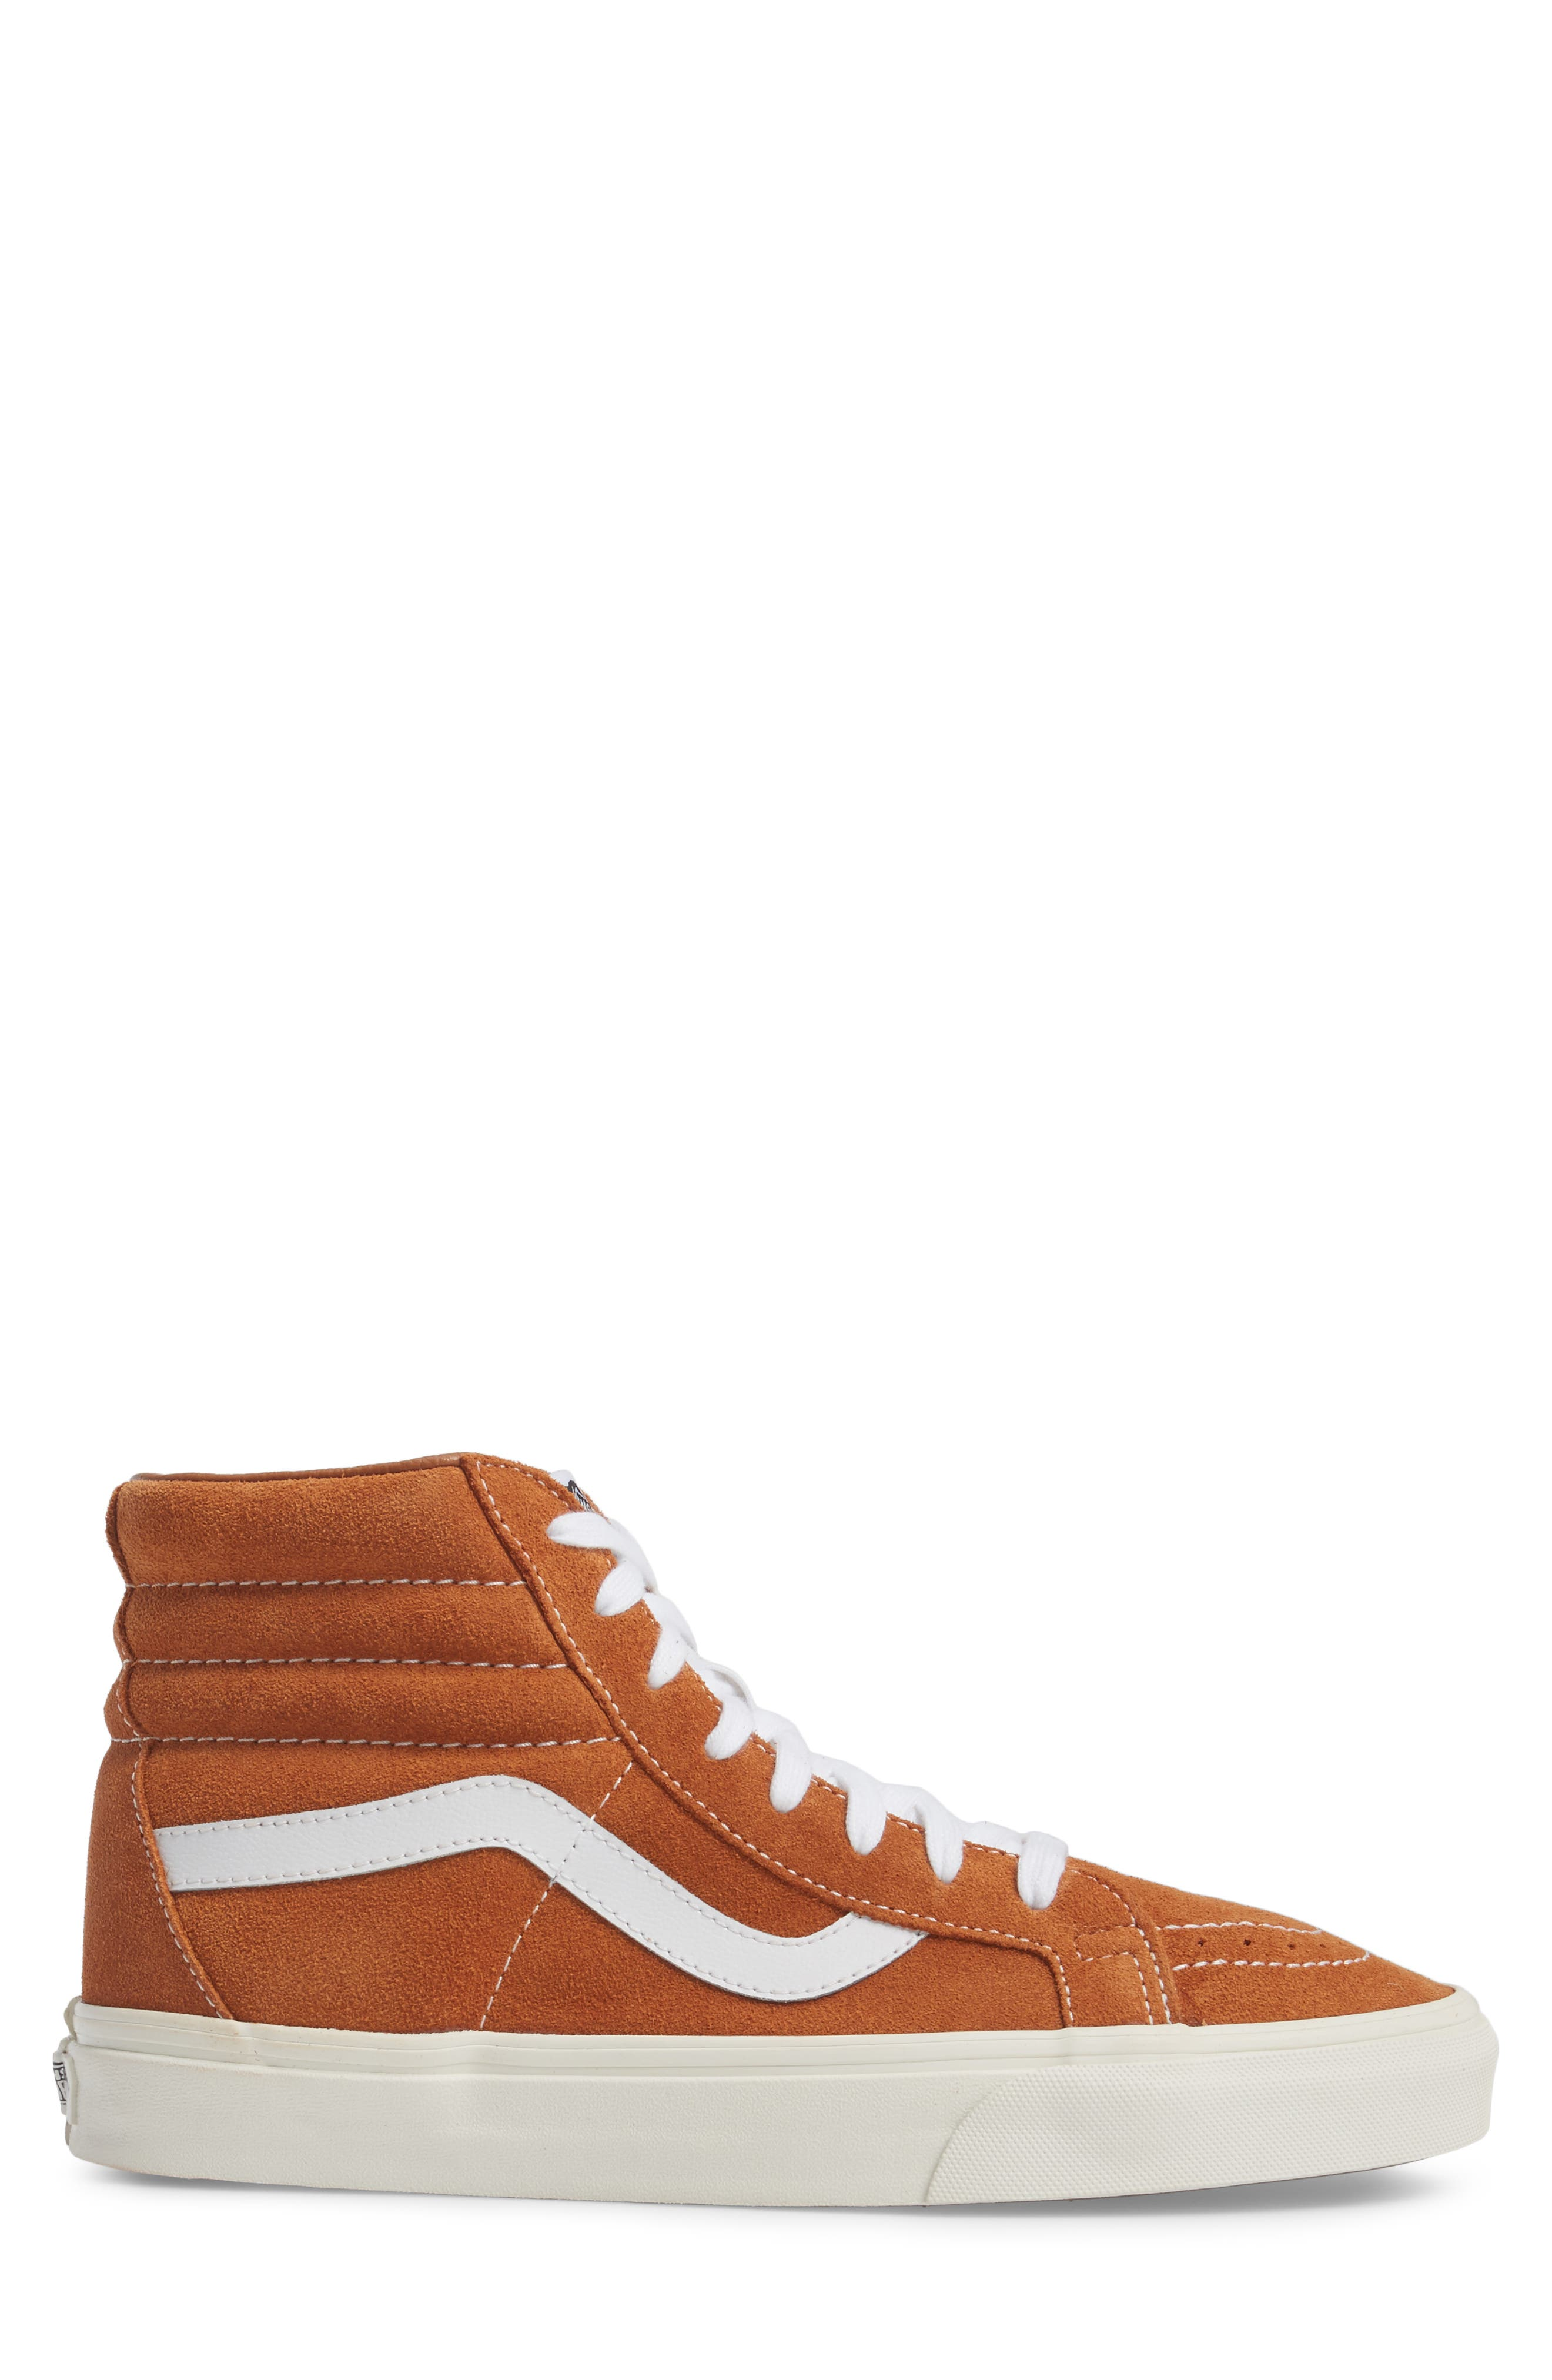 Sk8-Hi Reissue Sneaker,                             Alternate thumbnail 3, color,                             Glazed Ginger Suede